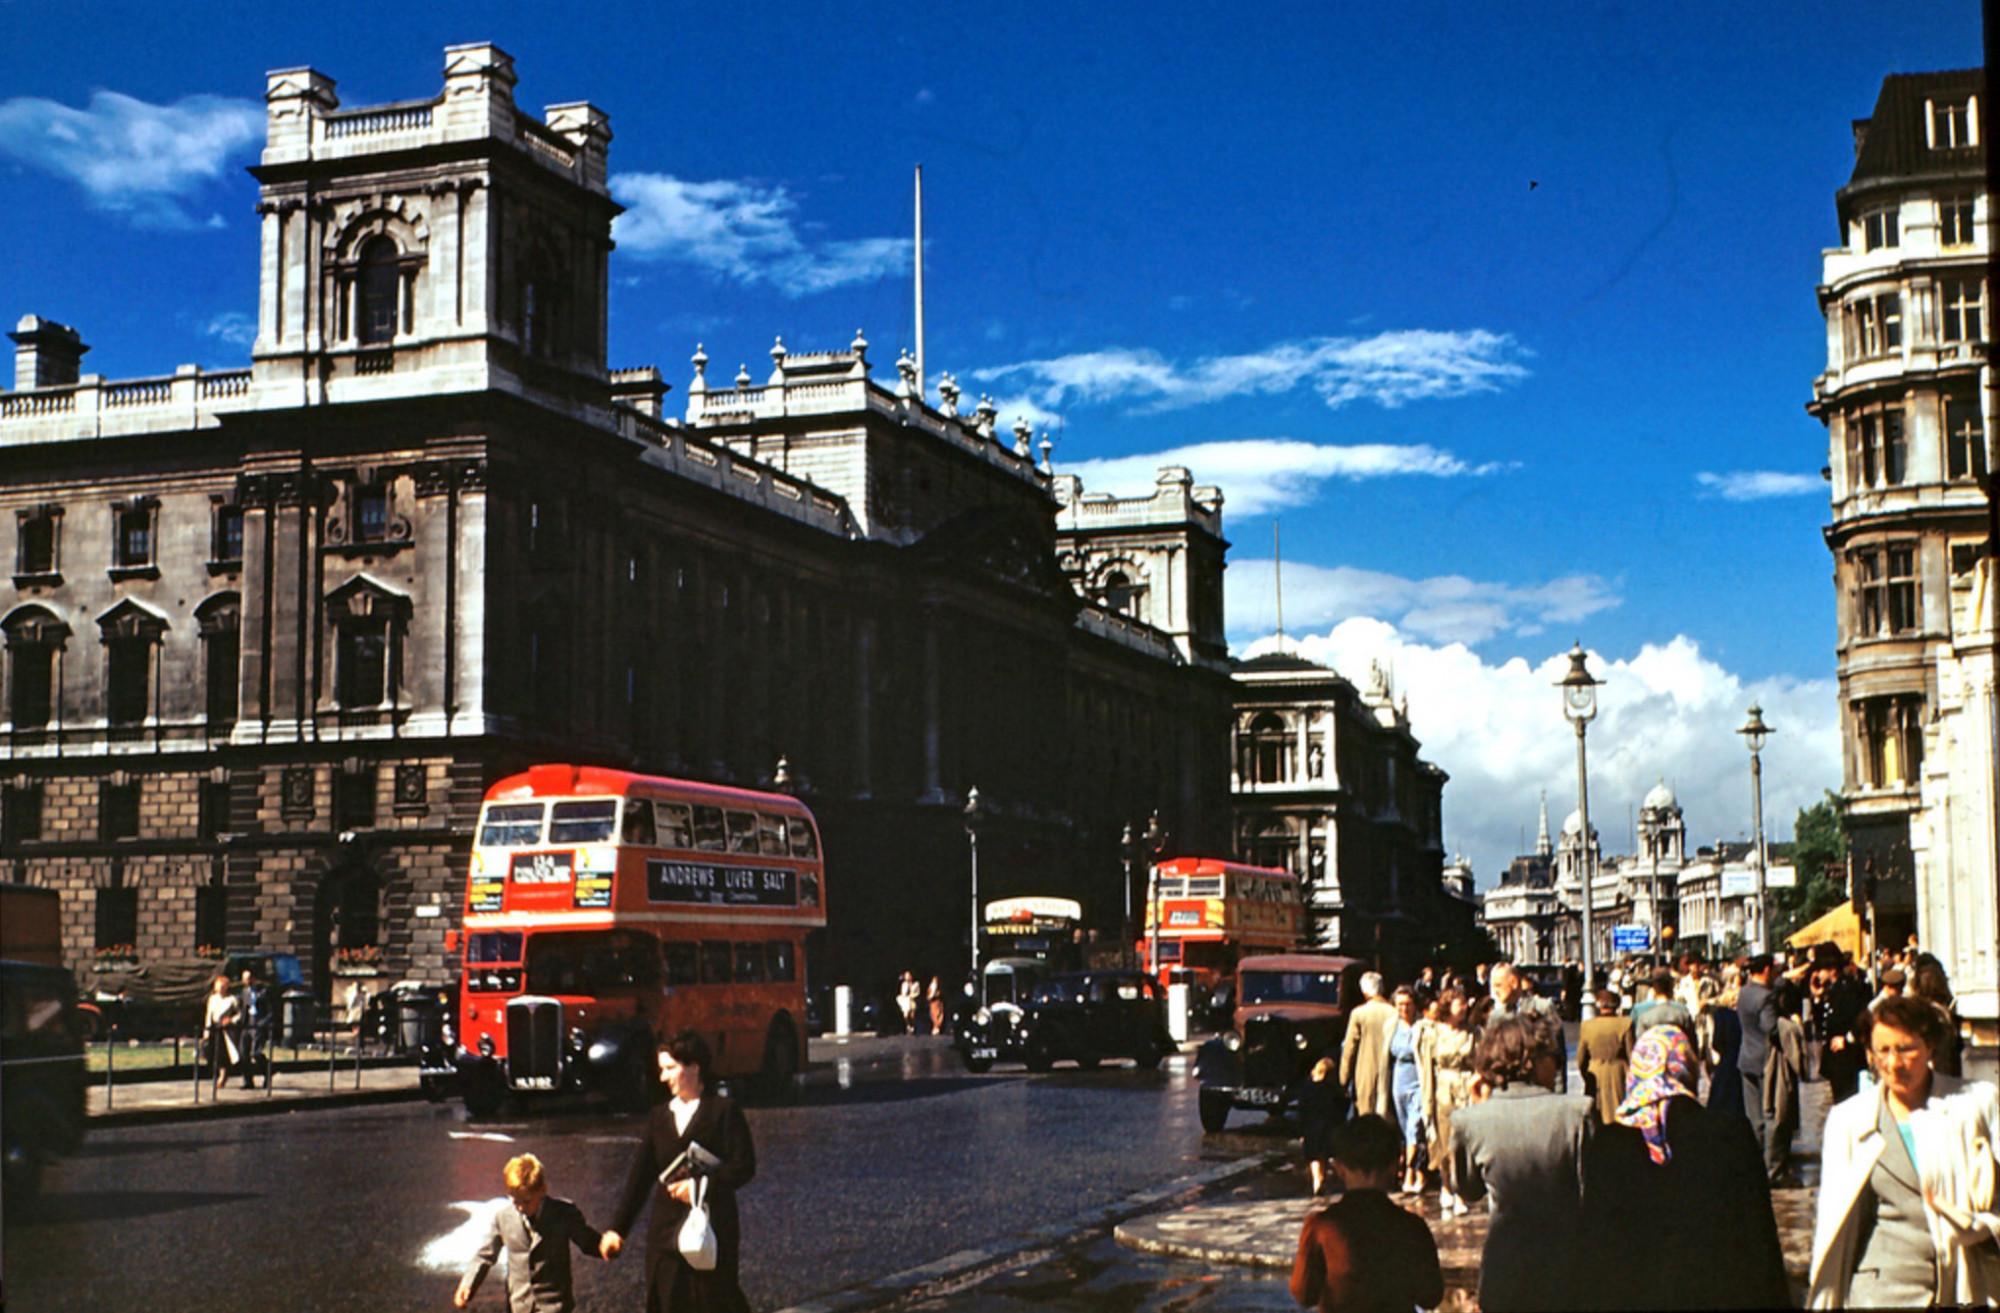 1949 London